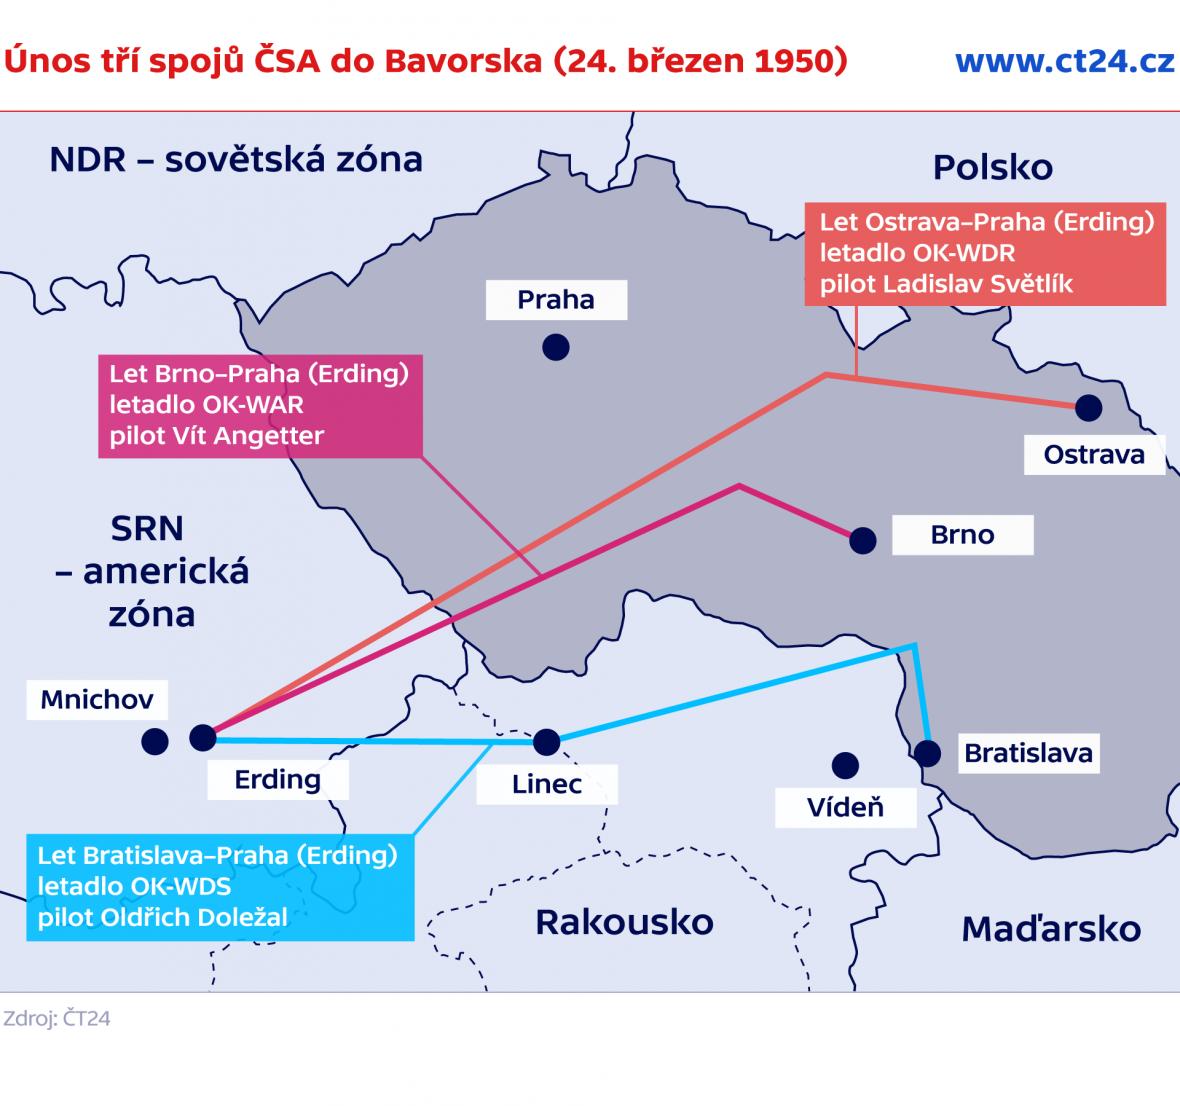 Únos tří spojů ČSA do Bavorska (24. březen 1950)